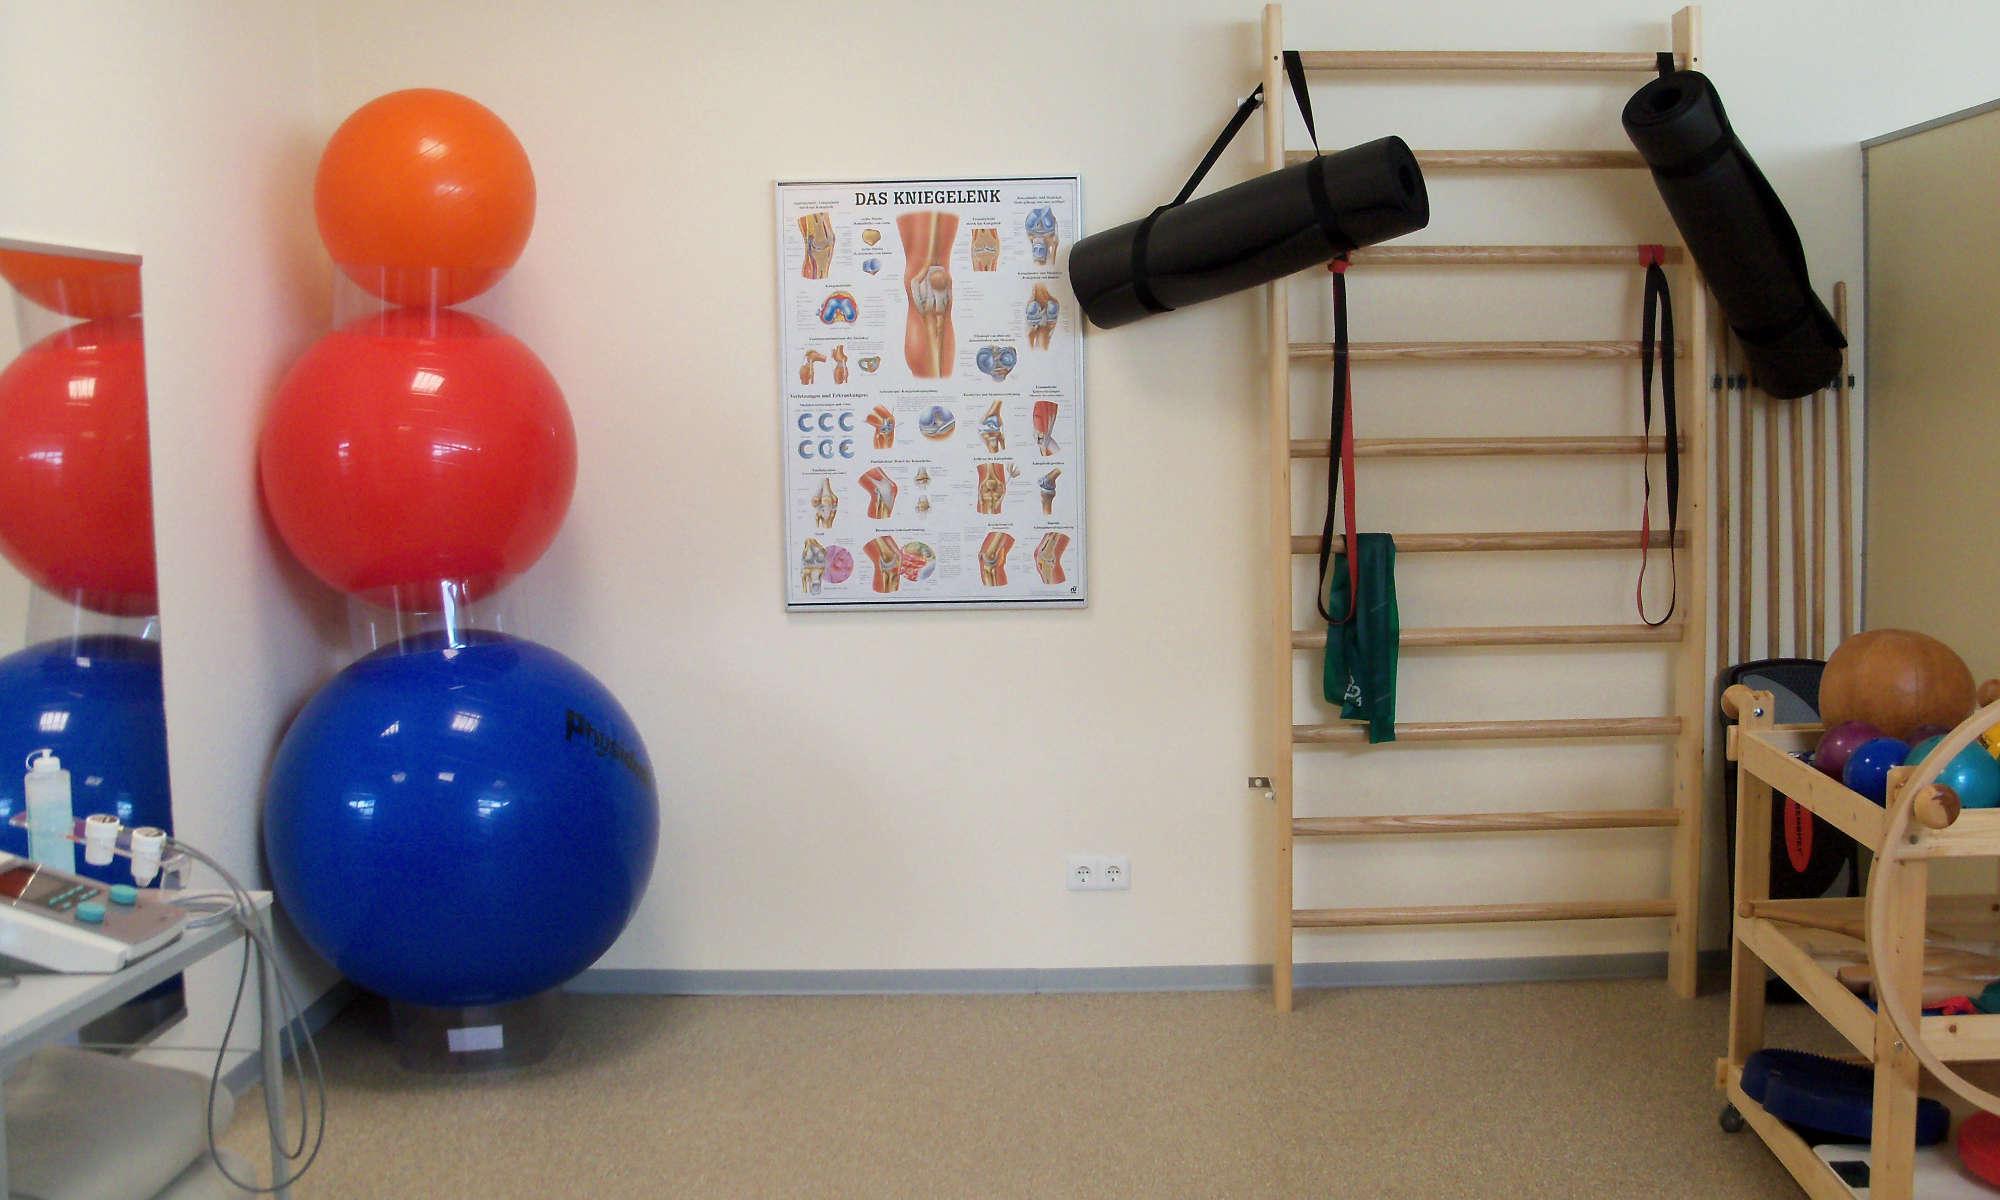 Herzlich Willkommen bei Ihrer Praxis Physikalische Therapie Munsch im Nette-Center Weißenthurm